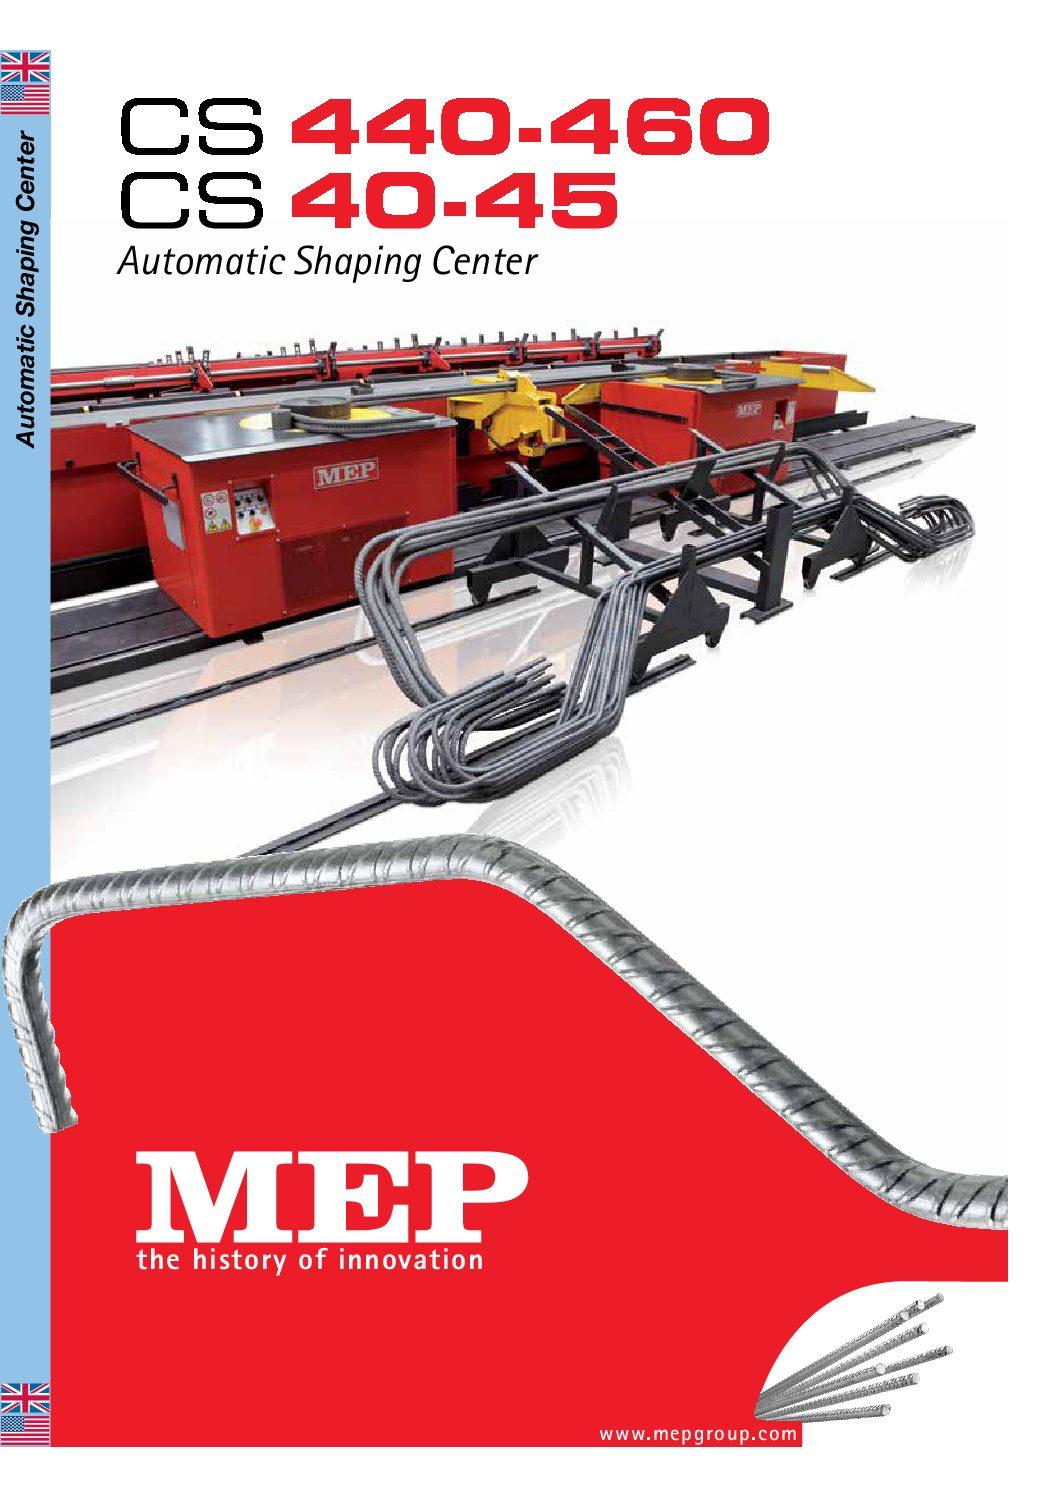 MEP - CS440-460 - CS40-45